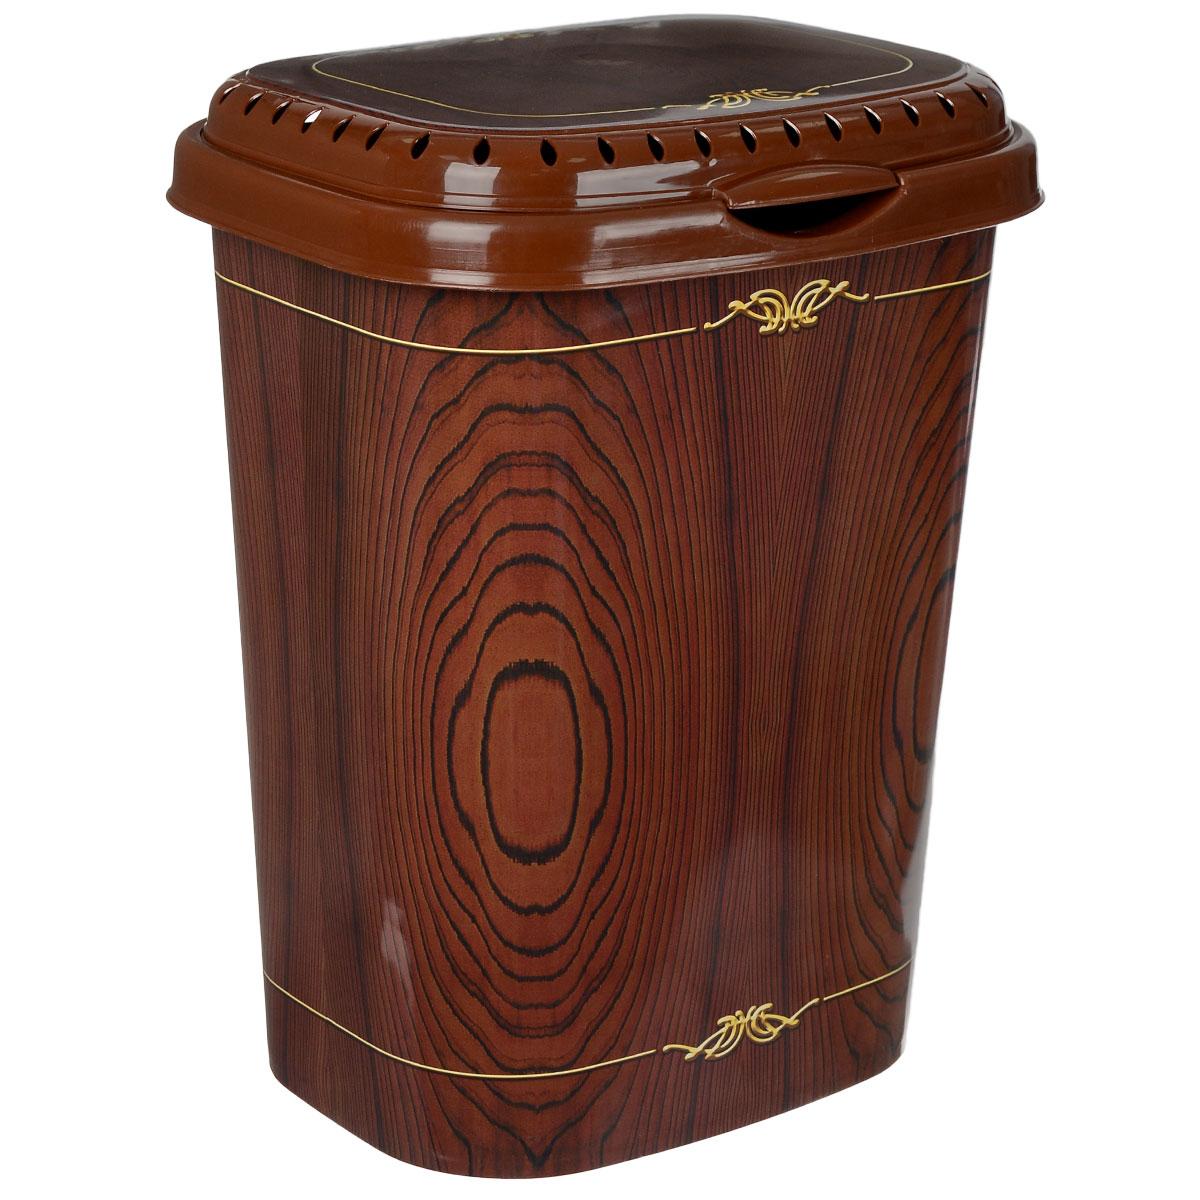 Корзина для белья Violet Дерево с крышкой, цвет: коричневый, желтый, 55 л80653Легкая и удобная корзина Violet Дерево прямоугольной формы изготовлена из пластика. Она отлично подойдет для хранения белья перед стиркой. Сплошные стенки с небольшими отверстиями на крышке скрывает содержимое корзины от посторонних и создает идеальные условия для проветривания. Изделие оснащено крышкой. Такая корзина для белья прекрасно впишется в интерьер ванной комнаты.